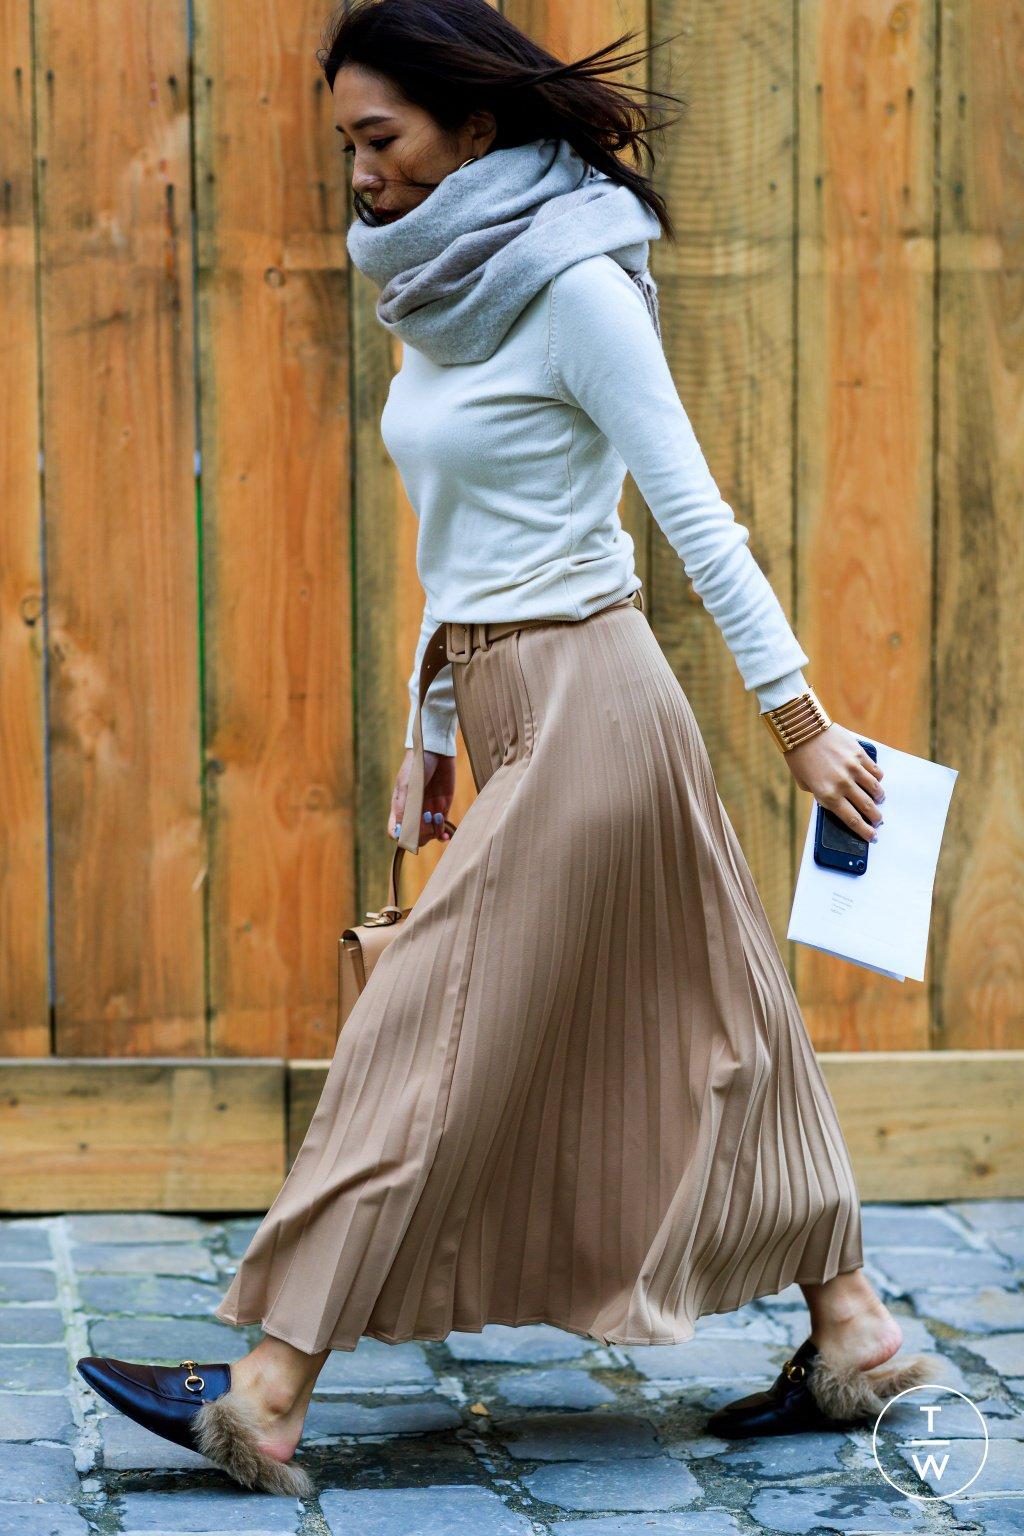 It girl - Saia plissada - Tons terrosos - Inverno - Street Style